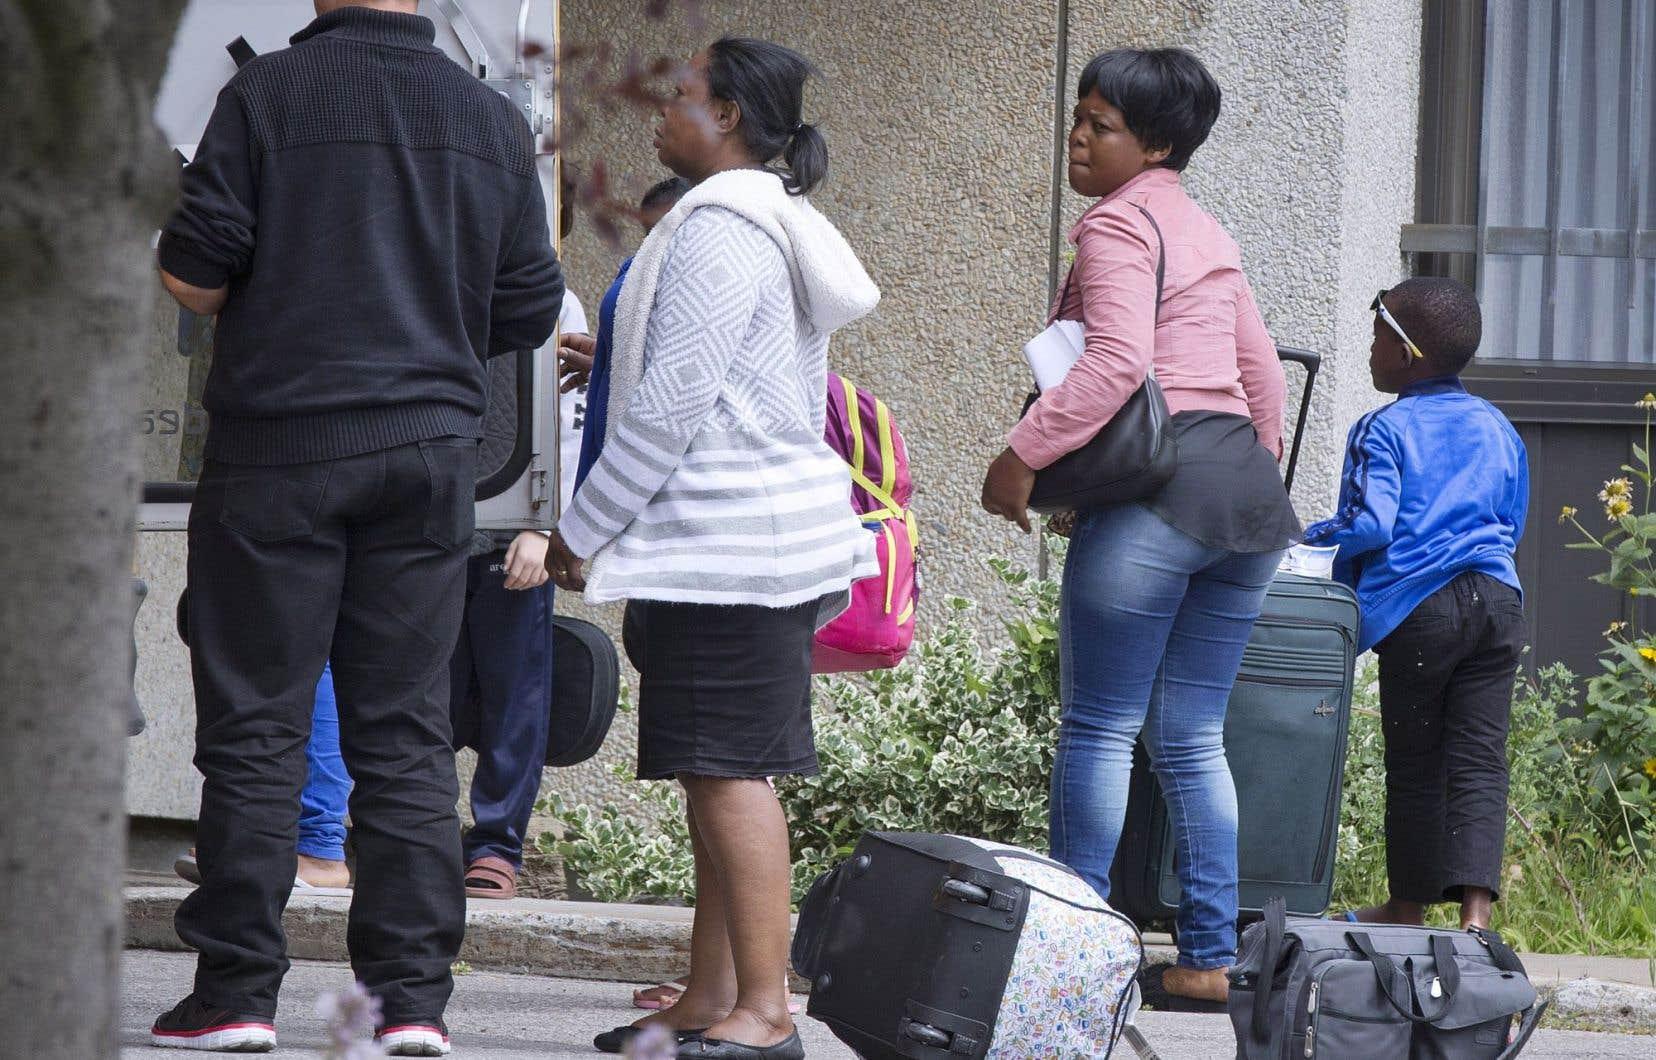 Après avoir reçu l'équivalent d'un mois d'aide financière, les demandeurs d'asile sont invités par le gouvernement à quitter les sites d'hébergement et à se trouver un logement.